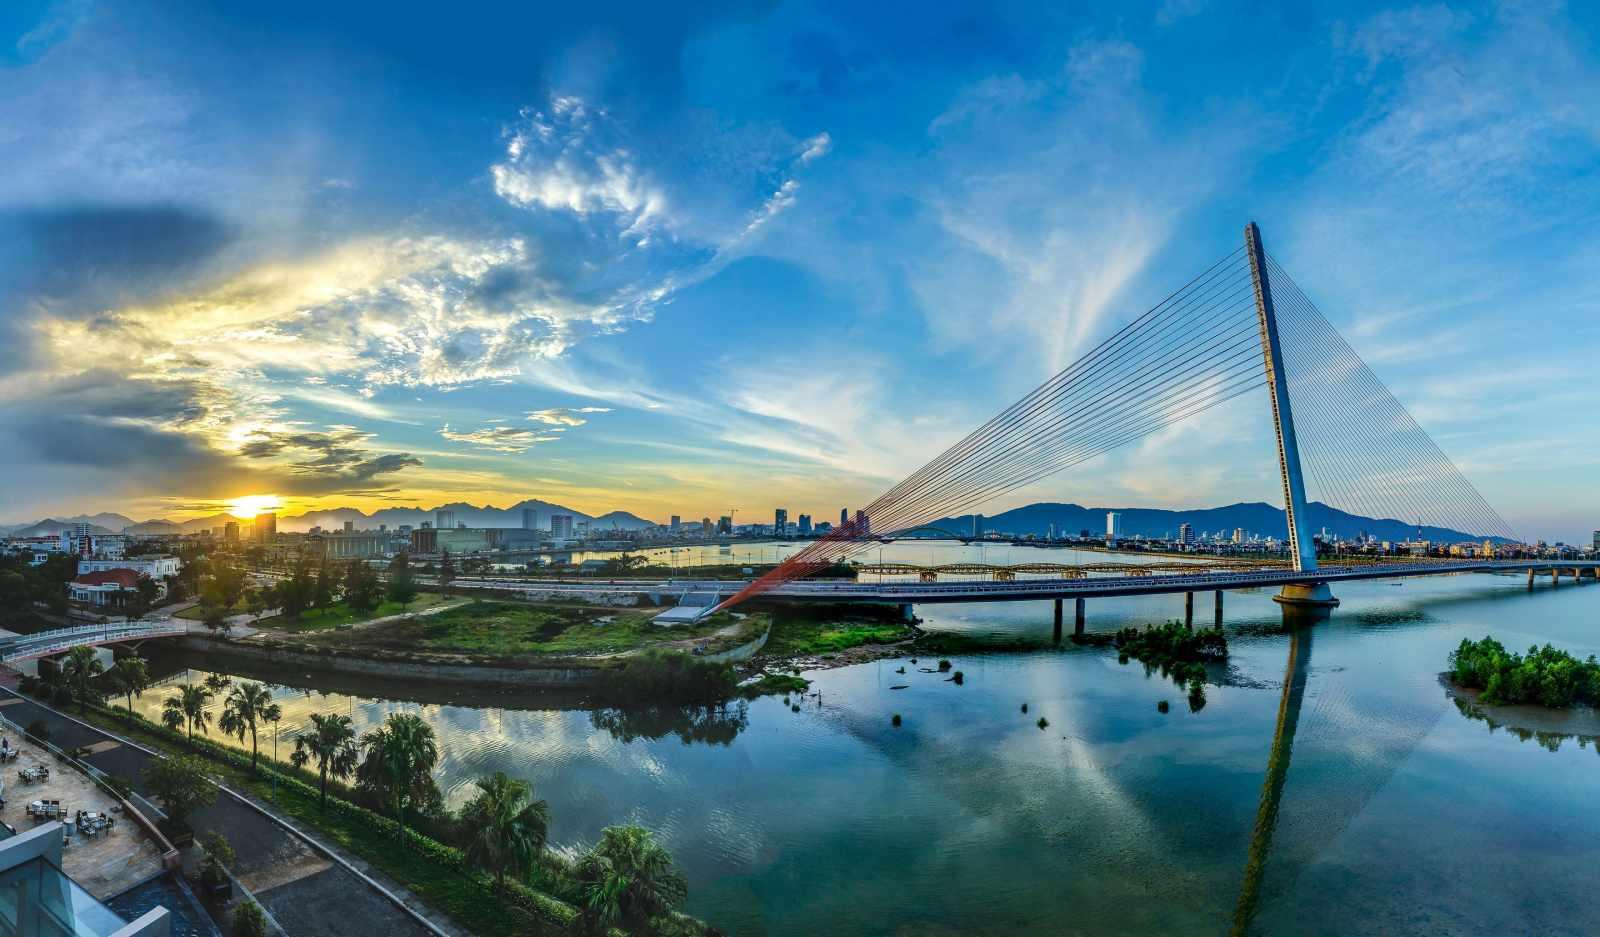 Tour du lịch Đà Nẵng - Thời tiết Đà Nẵng Thuận tiện